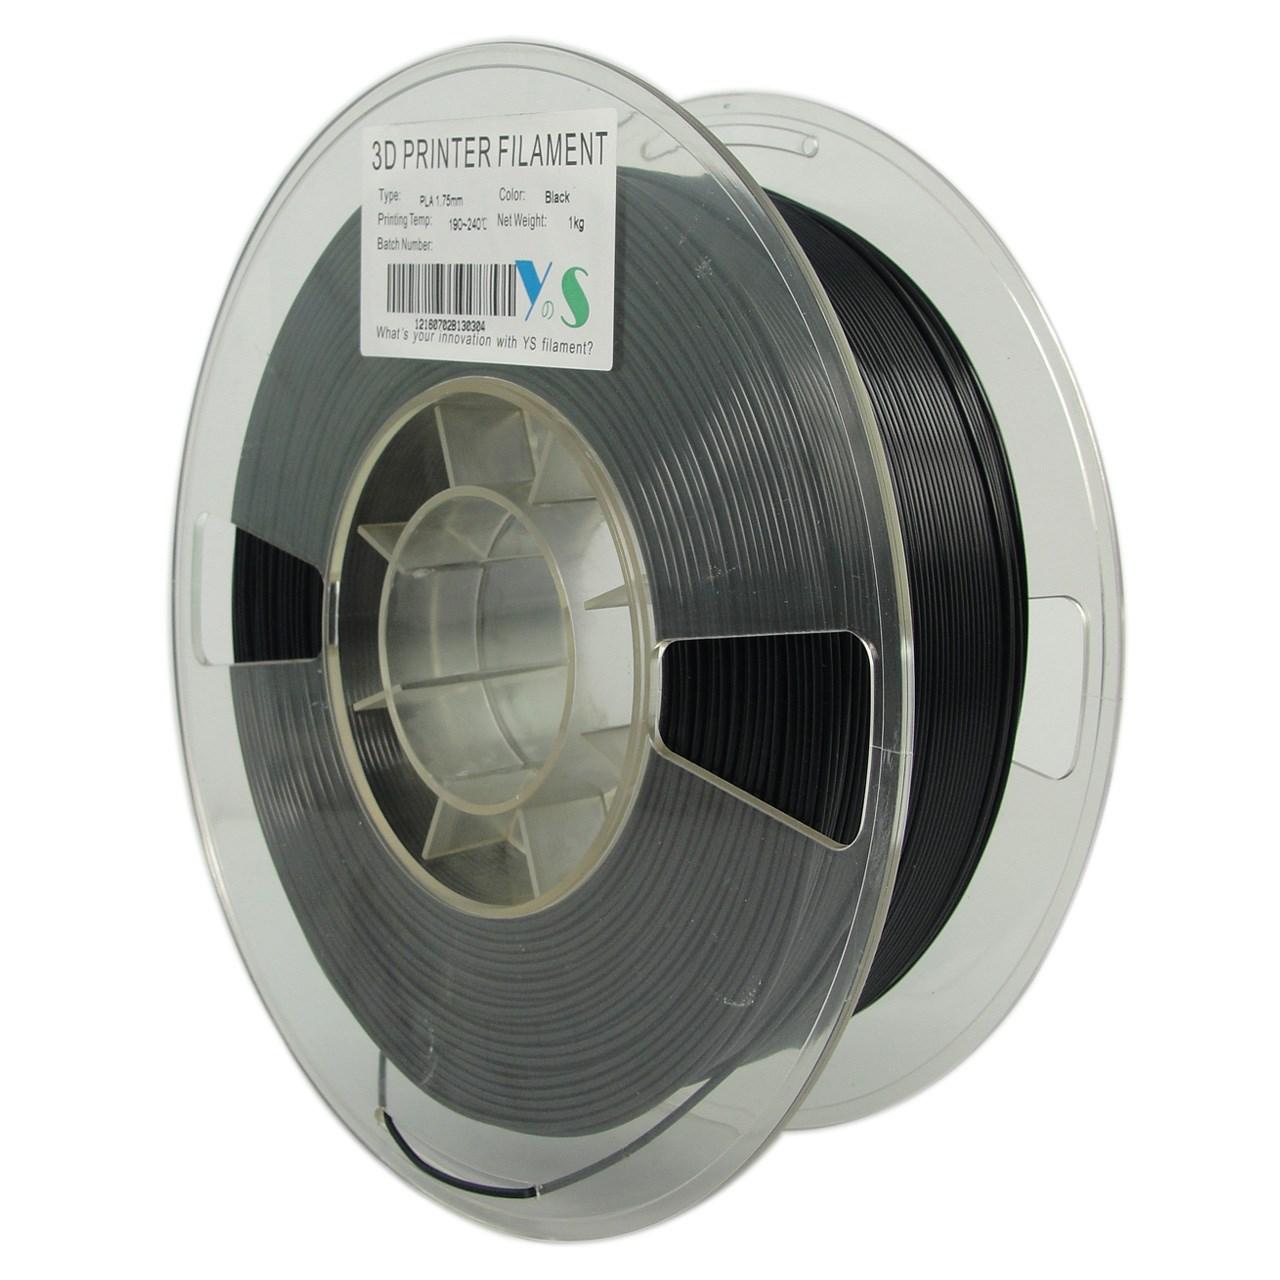 فیلامنت پرینتر سه بعدی PLA  یوسو  مشکی 1.75 میلیمتر  1 کیلو